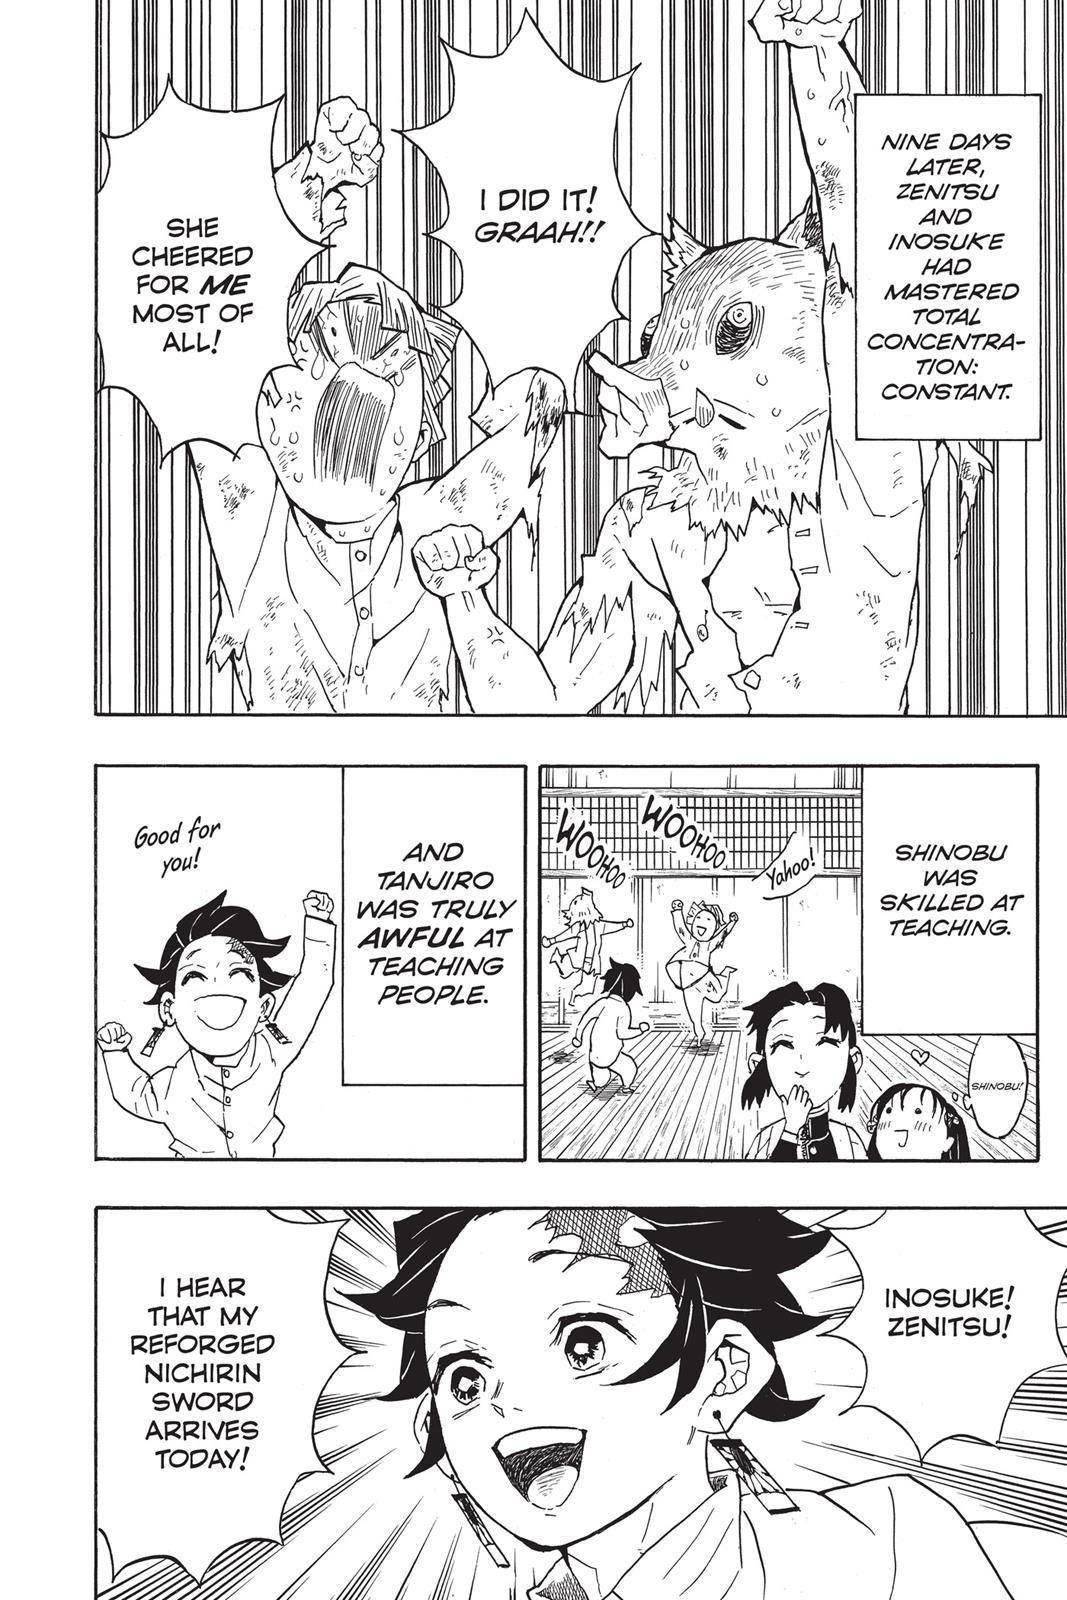 Demon Slayer Kimetsu no Yaiba Chapter 51 ในปี 2020